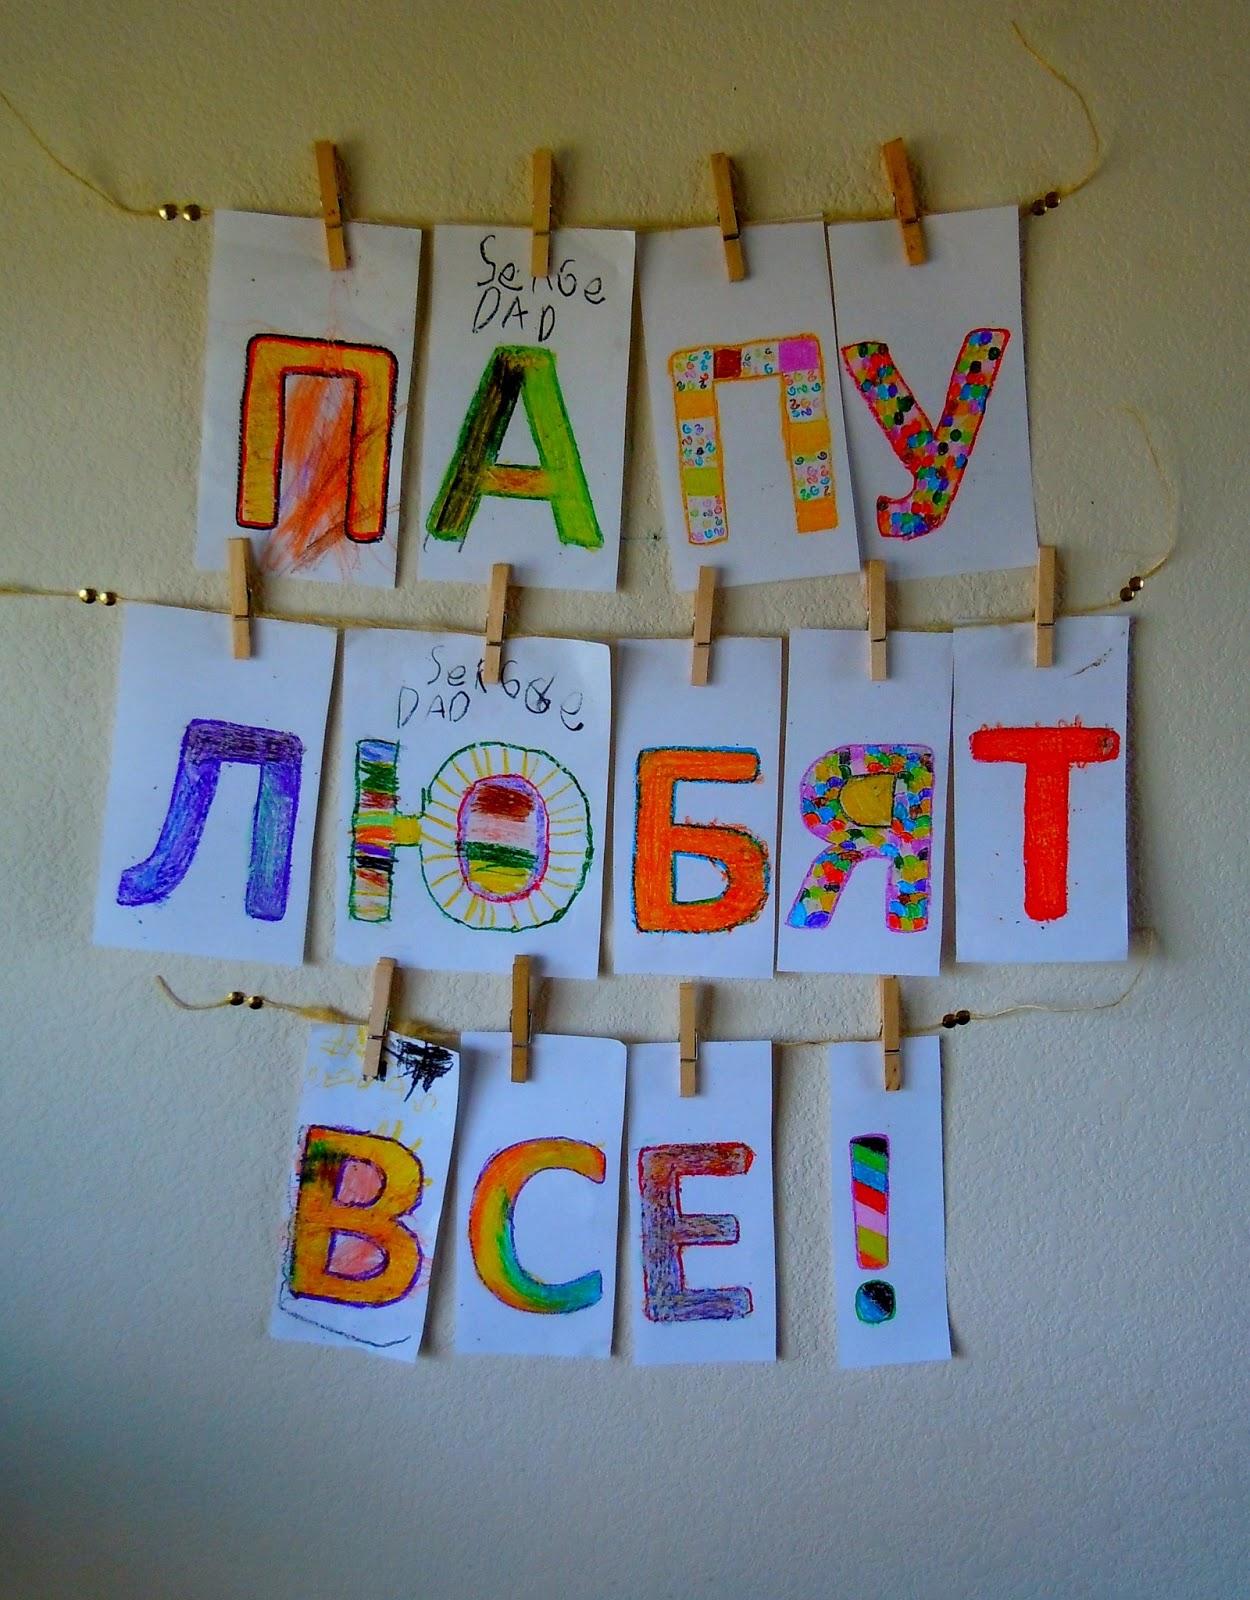 День рождения папы - MamaClub - для мам: новости, идеи 65